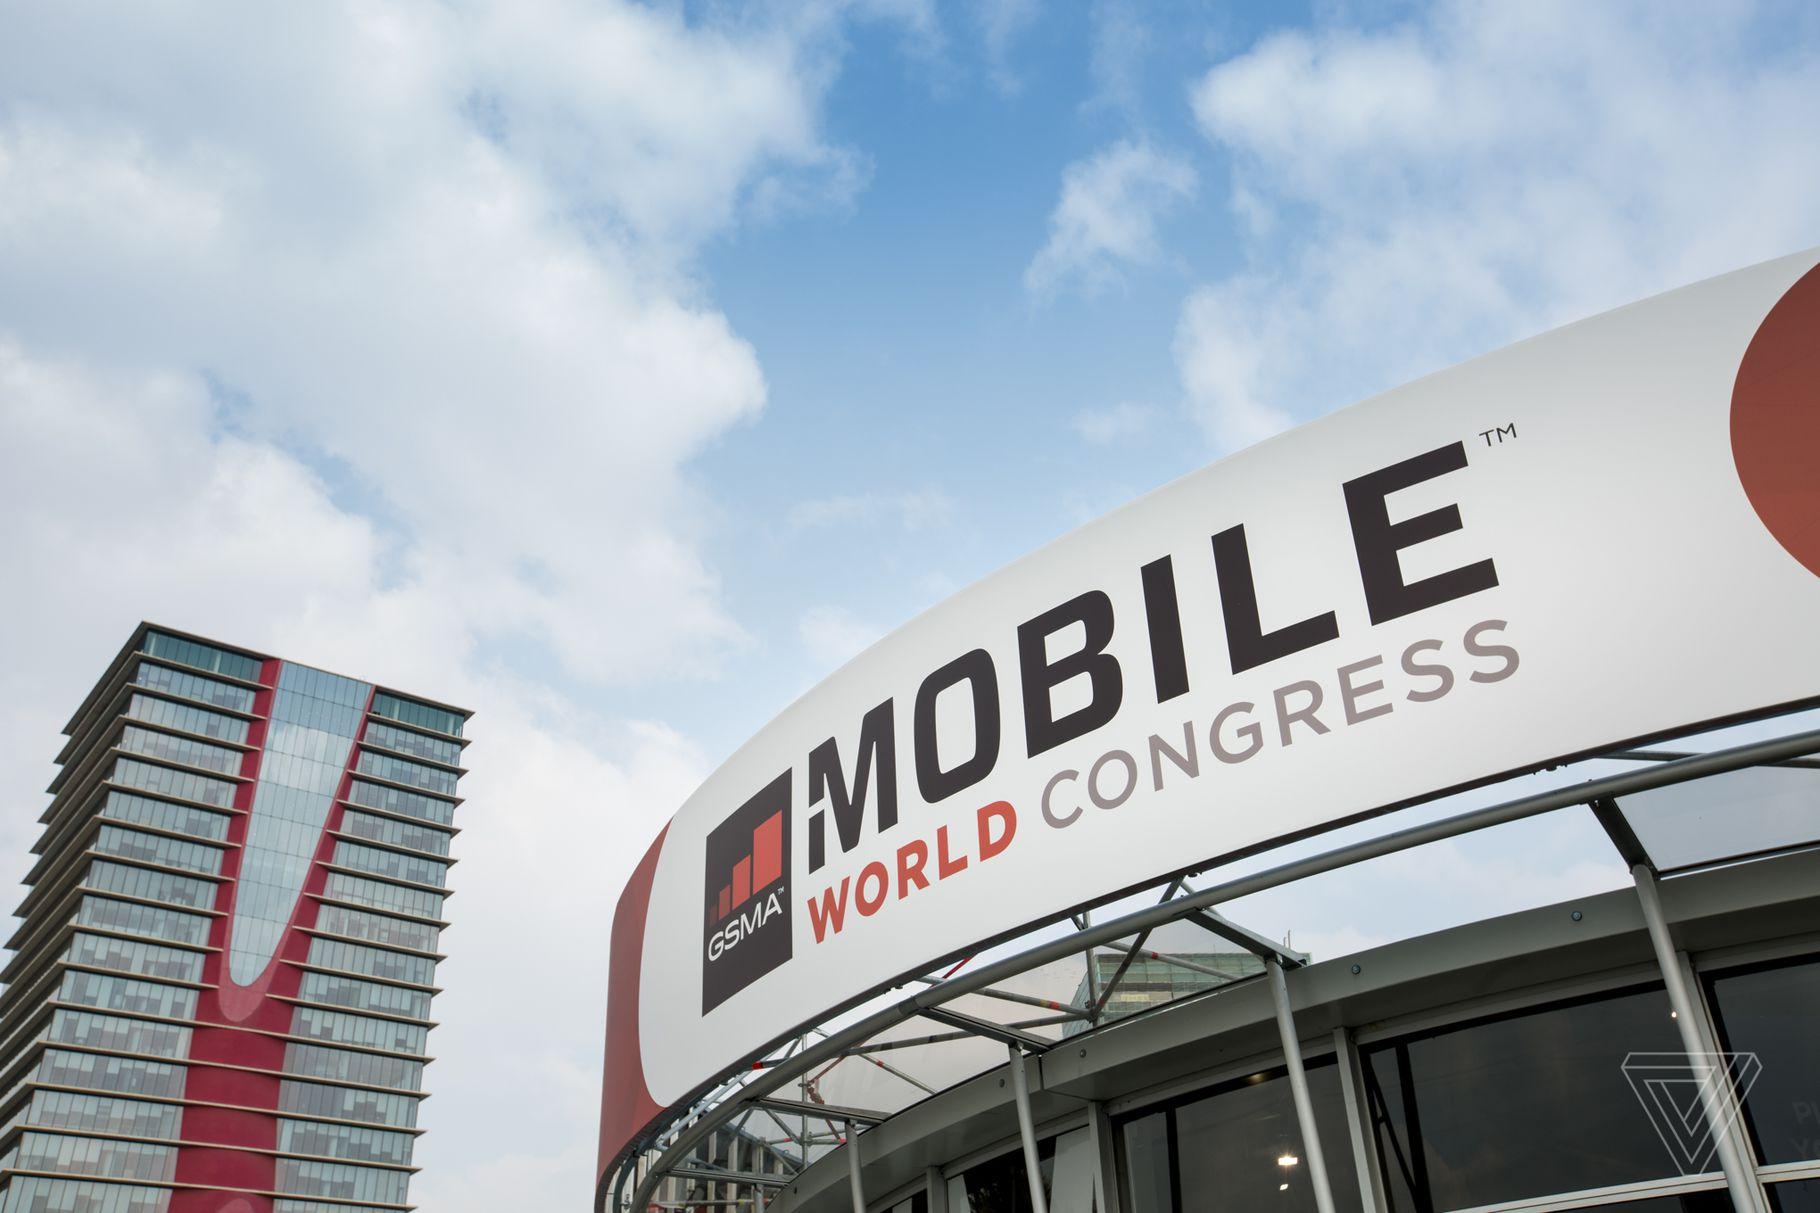 Мобилниот конгрес во Барселона откажан поради коронавирусот